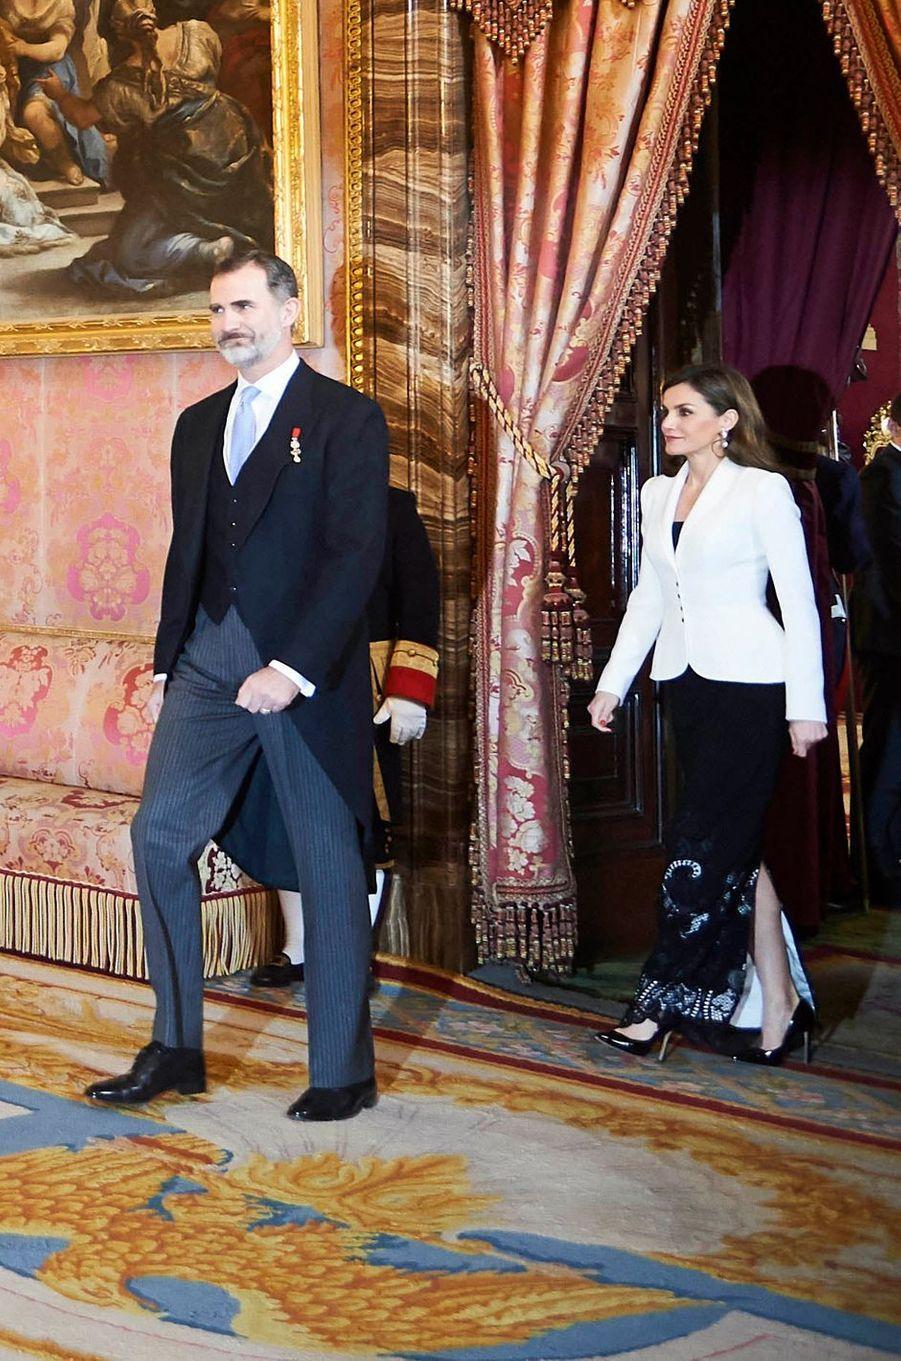 Le roi Felipe VI et la reine Letizia d'Espagne à Madrid, le 31 janvier 2018